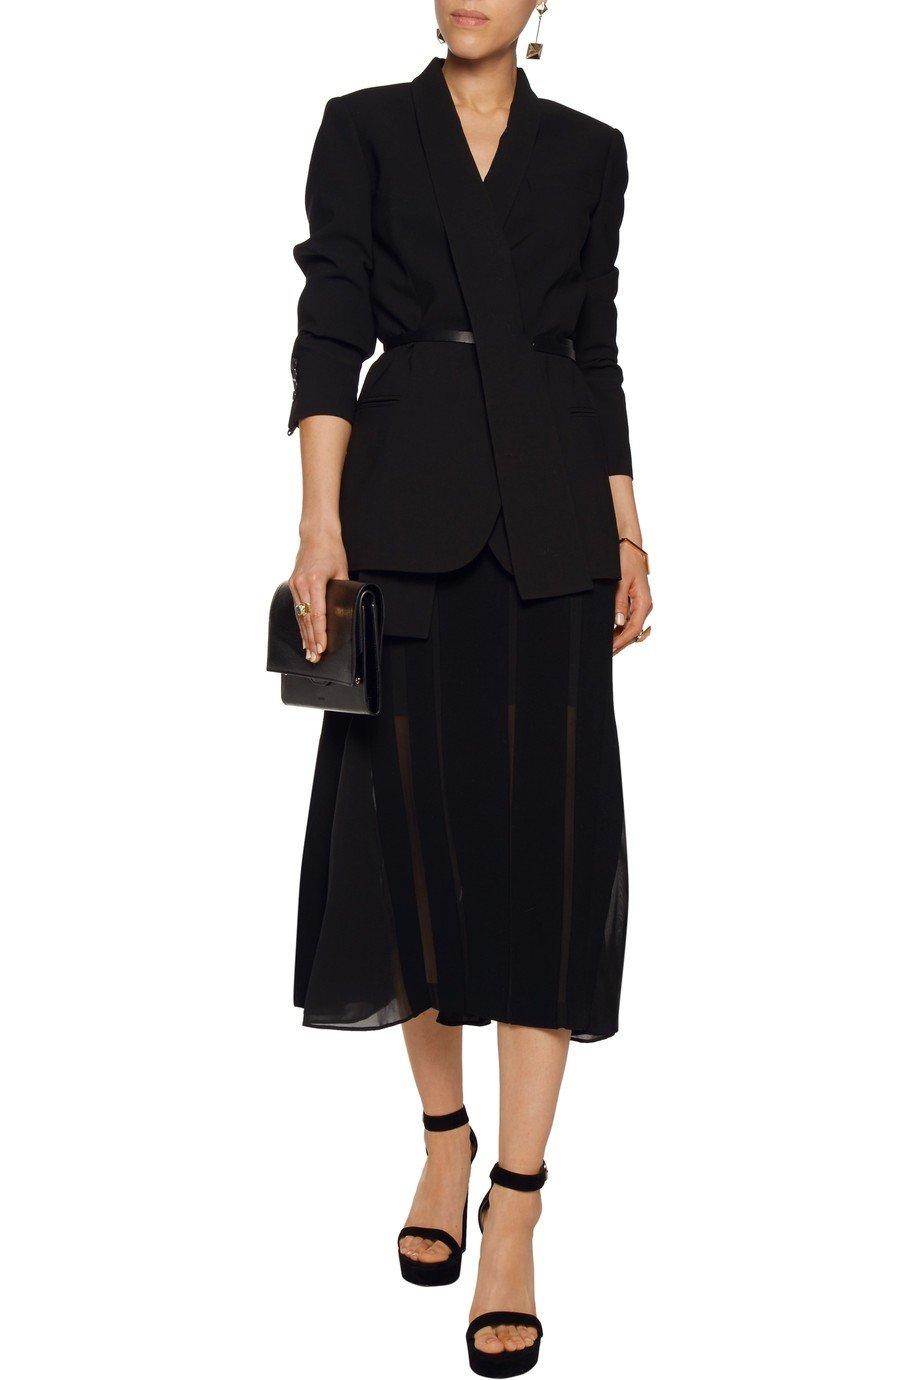 черный удлиненный пиджак с поясом женский 2018